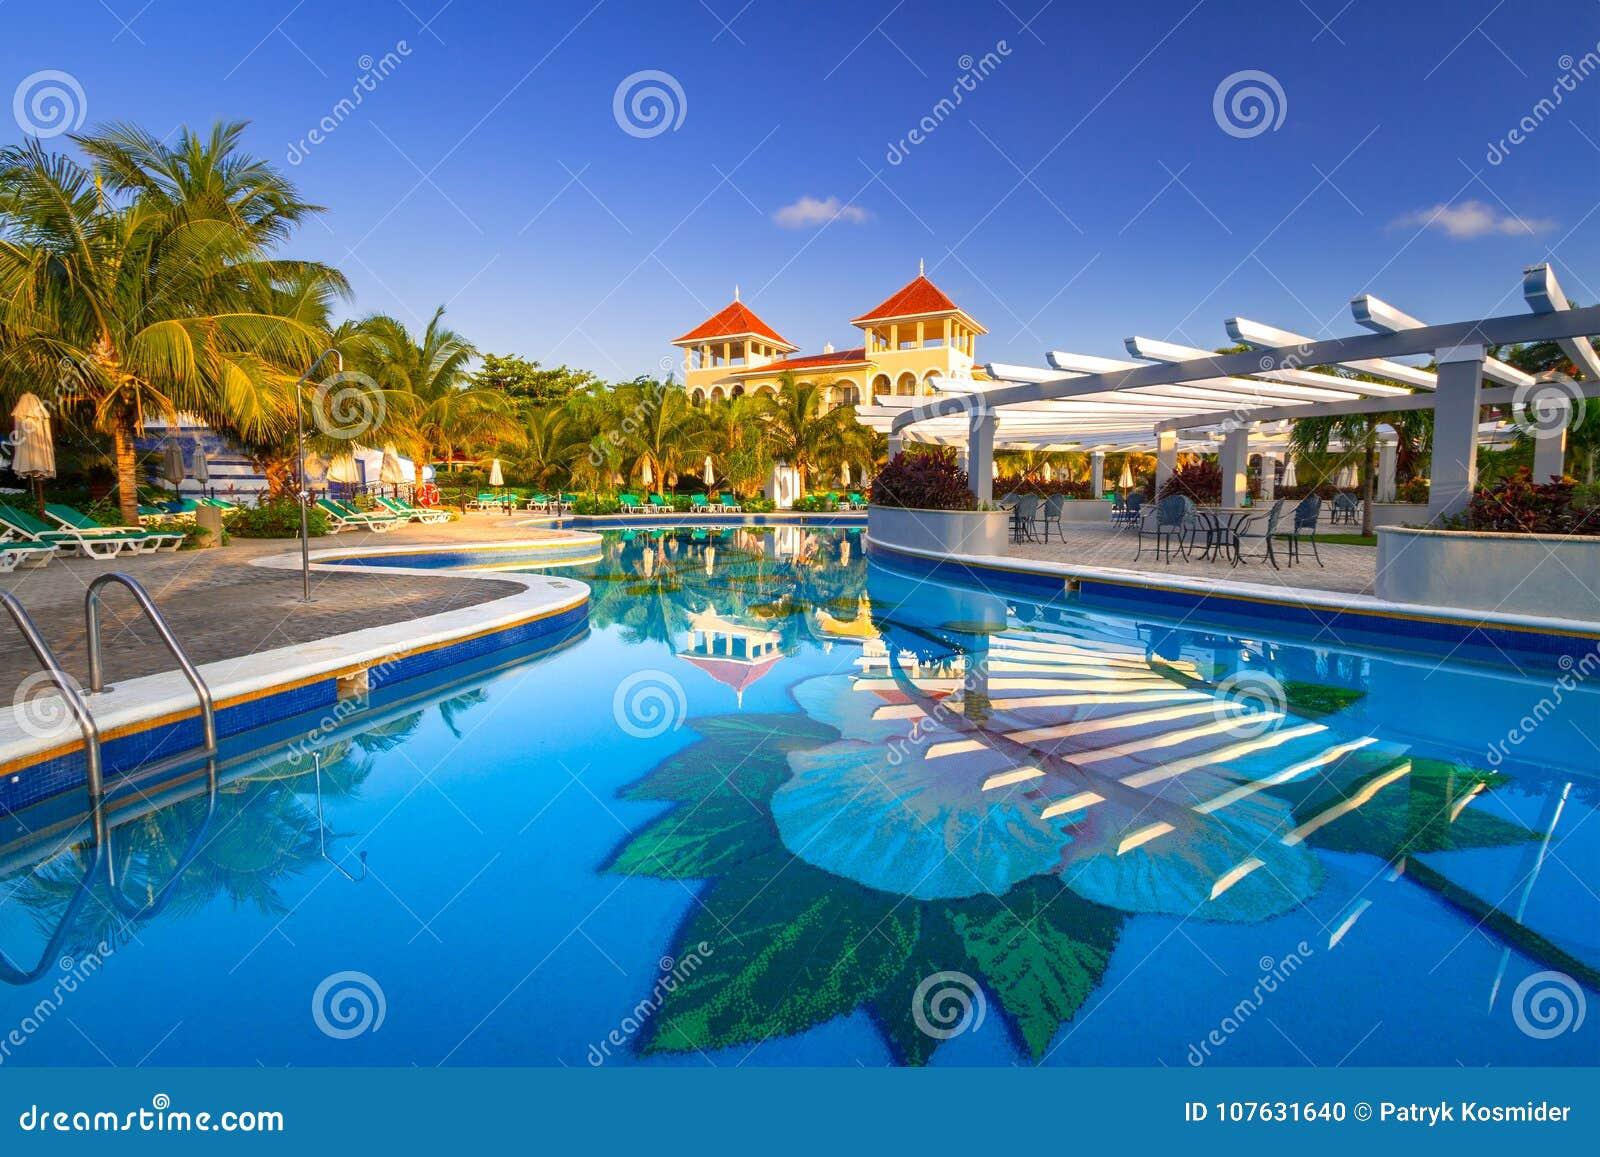 Paesaggio di lusso della piscina nel messico immagine editoriale